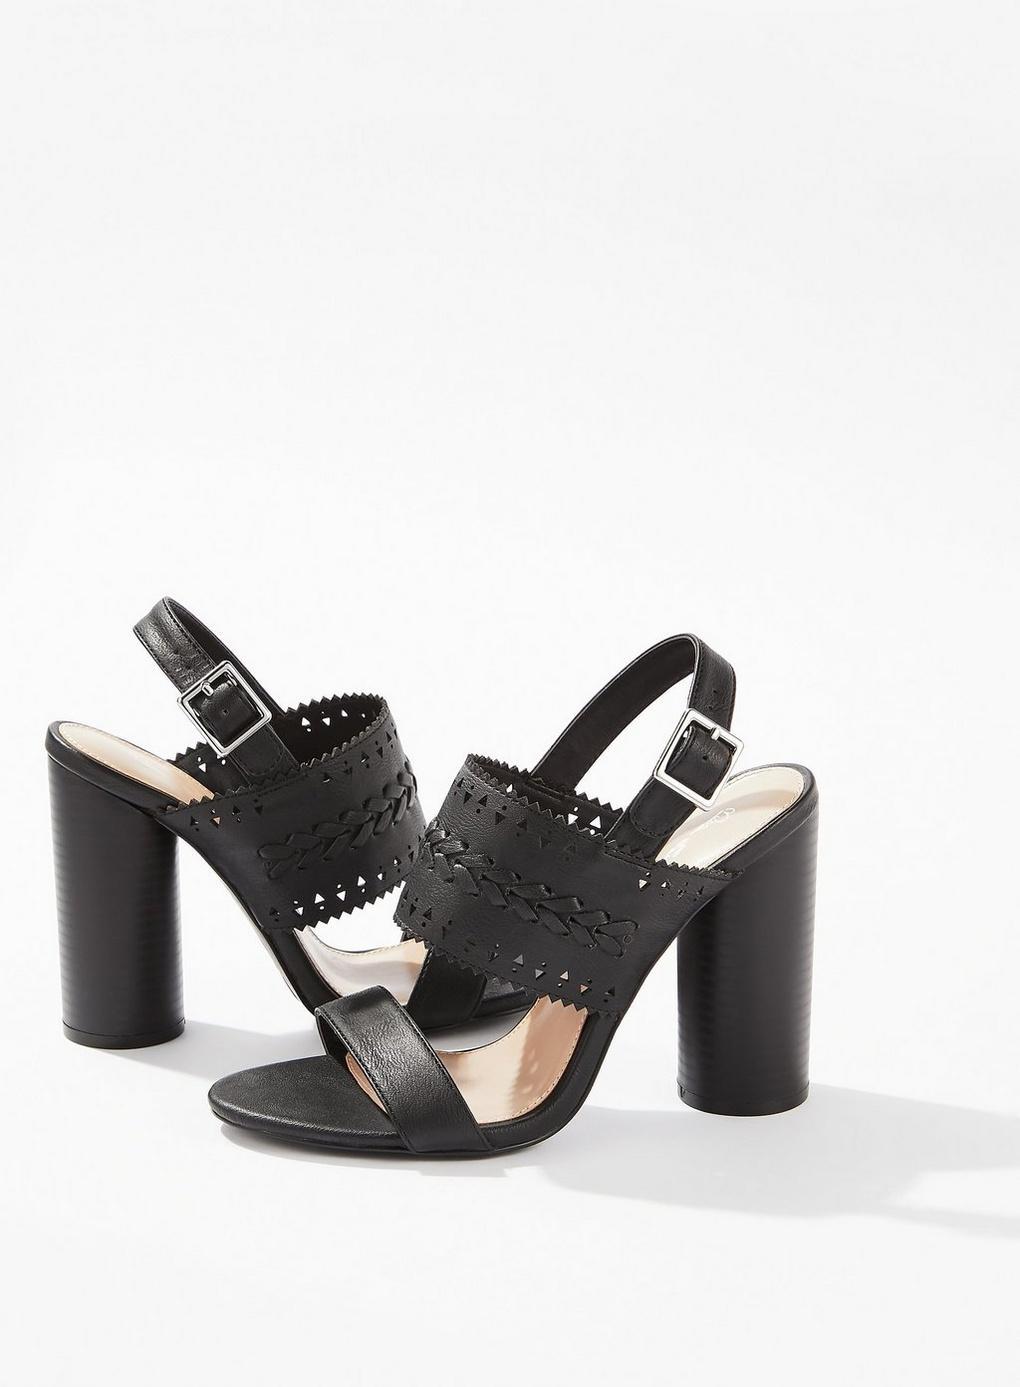 d80ad8e7031b Miss Selfridge - Black September Laser Cut Heel Sandals - Lyst. View  fullscreen